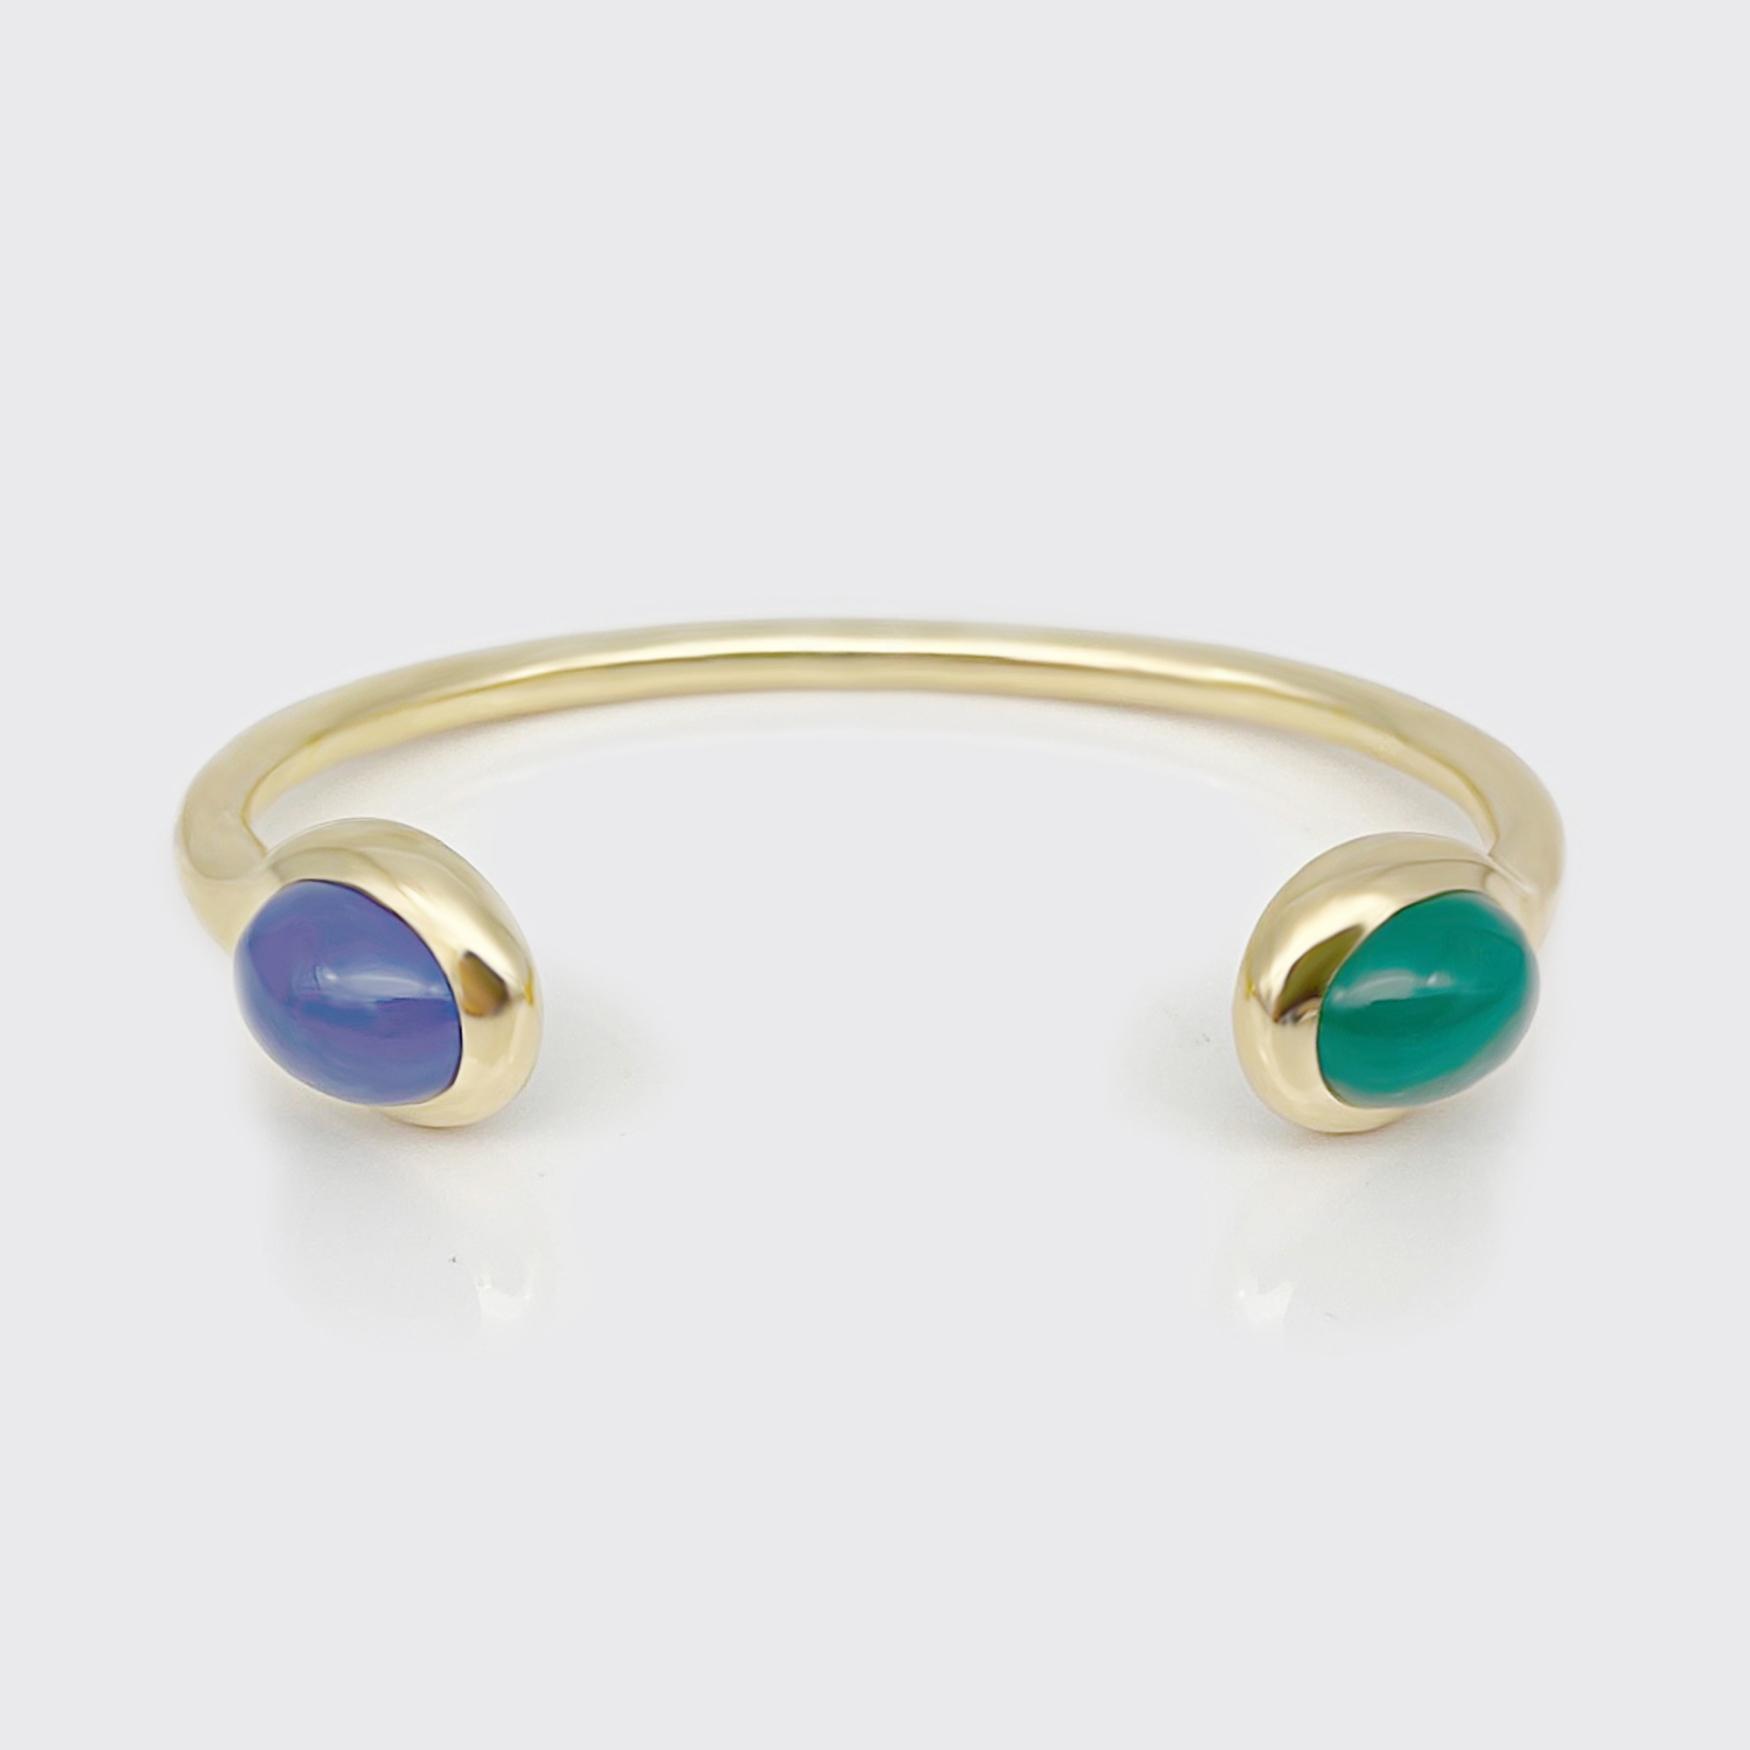 Armspange goldplattiert - Grünachat, Blauachat